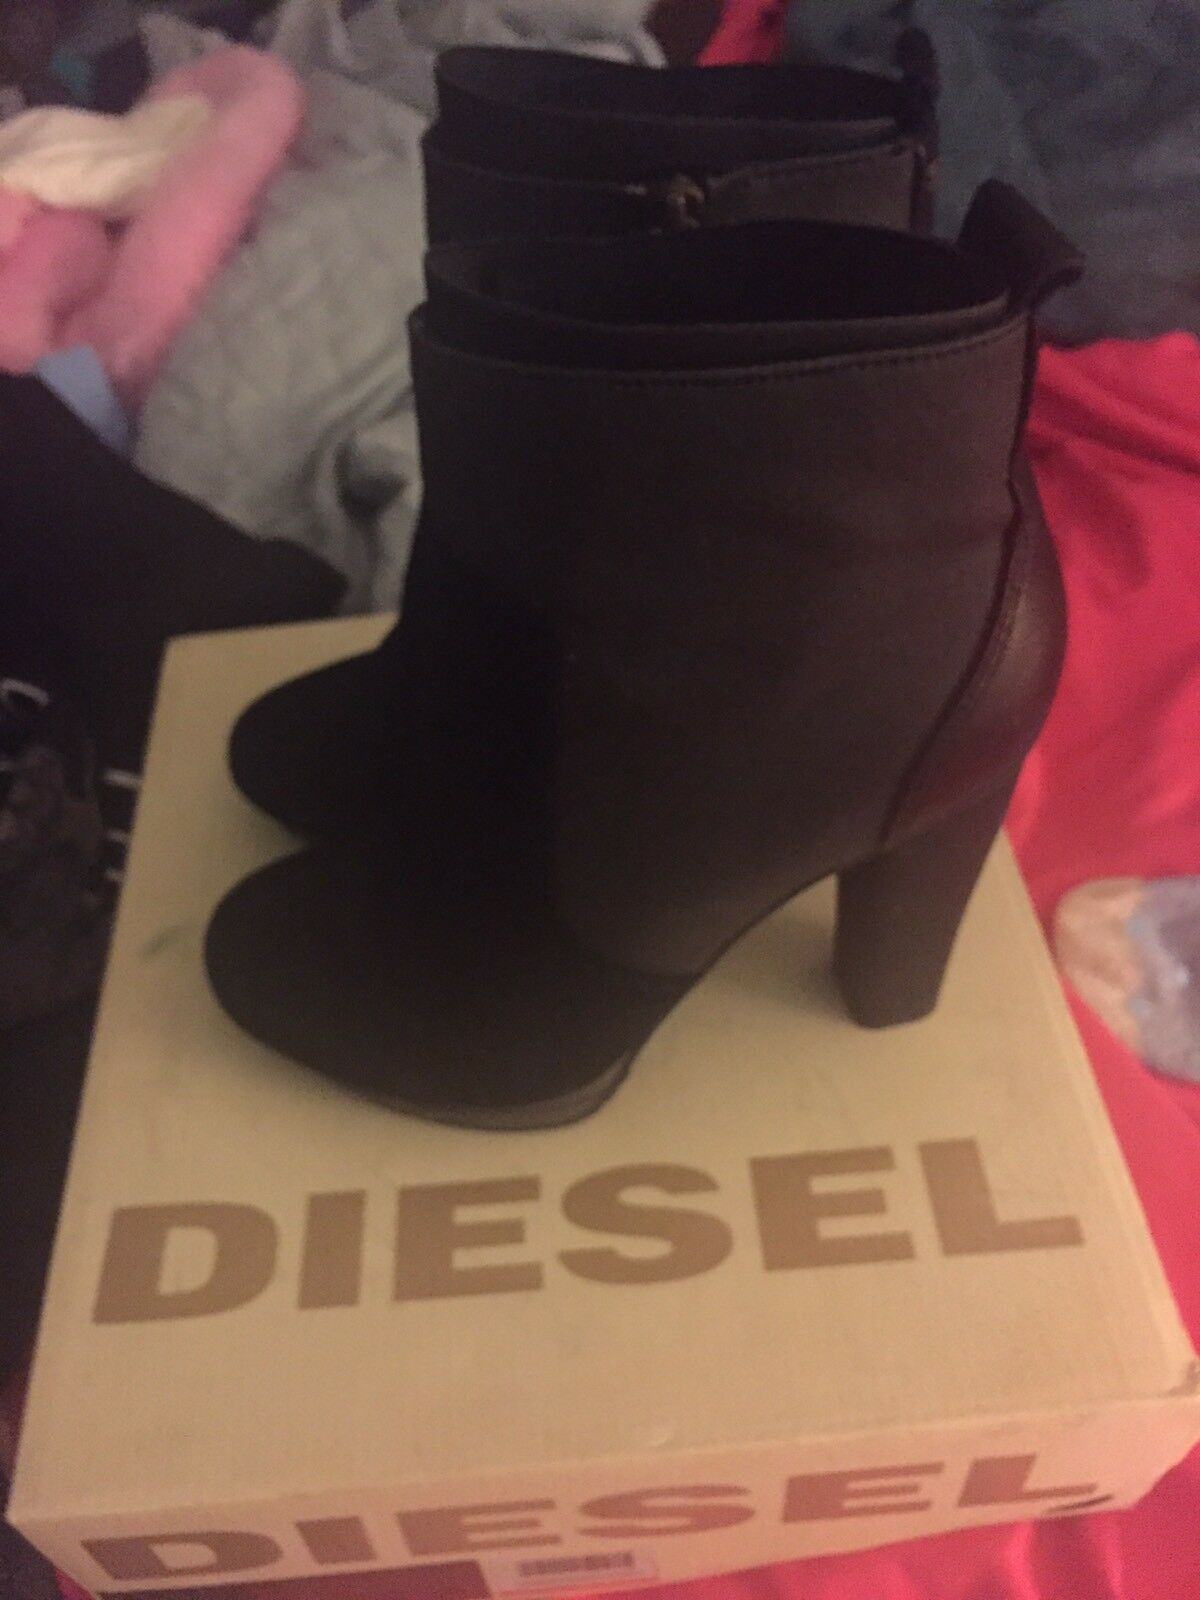 Diesel Collins Hi-travis Ankle Boot Heels ASO Lily Collins Diesel d67d4b